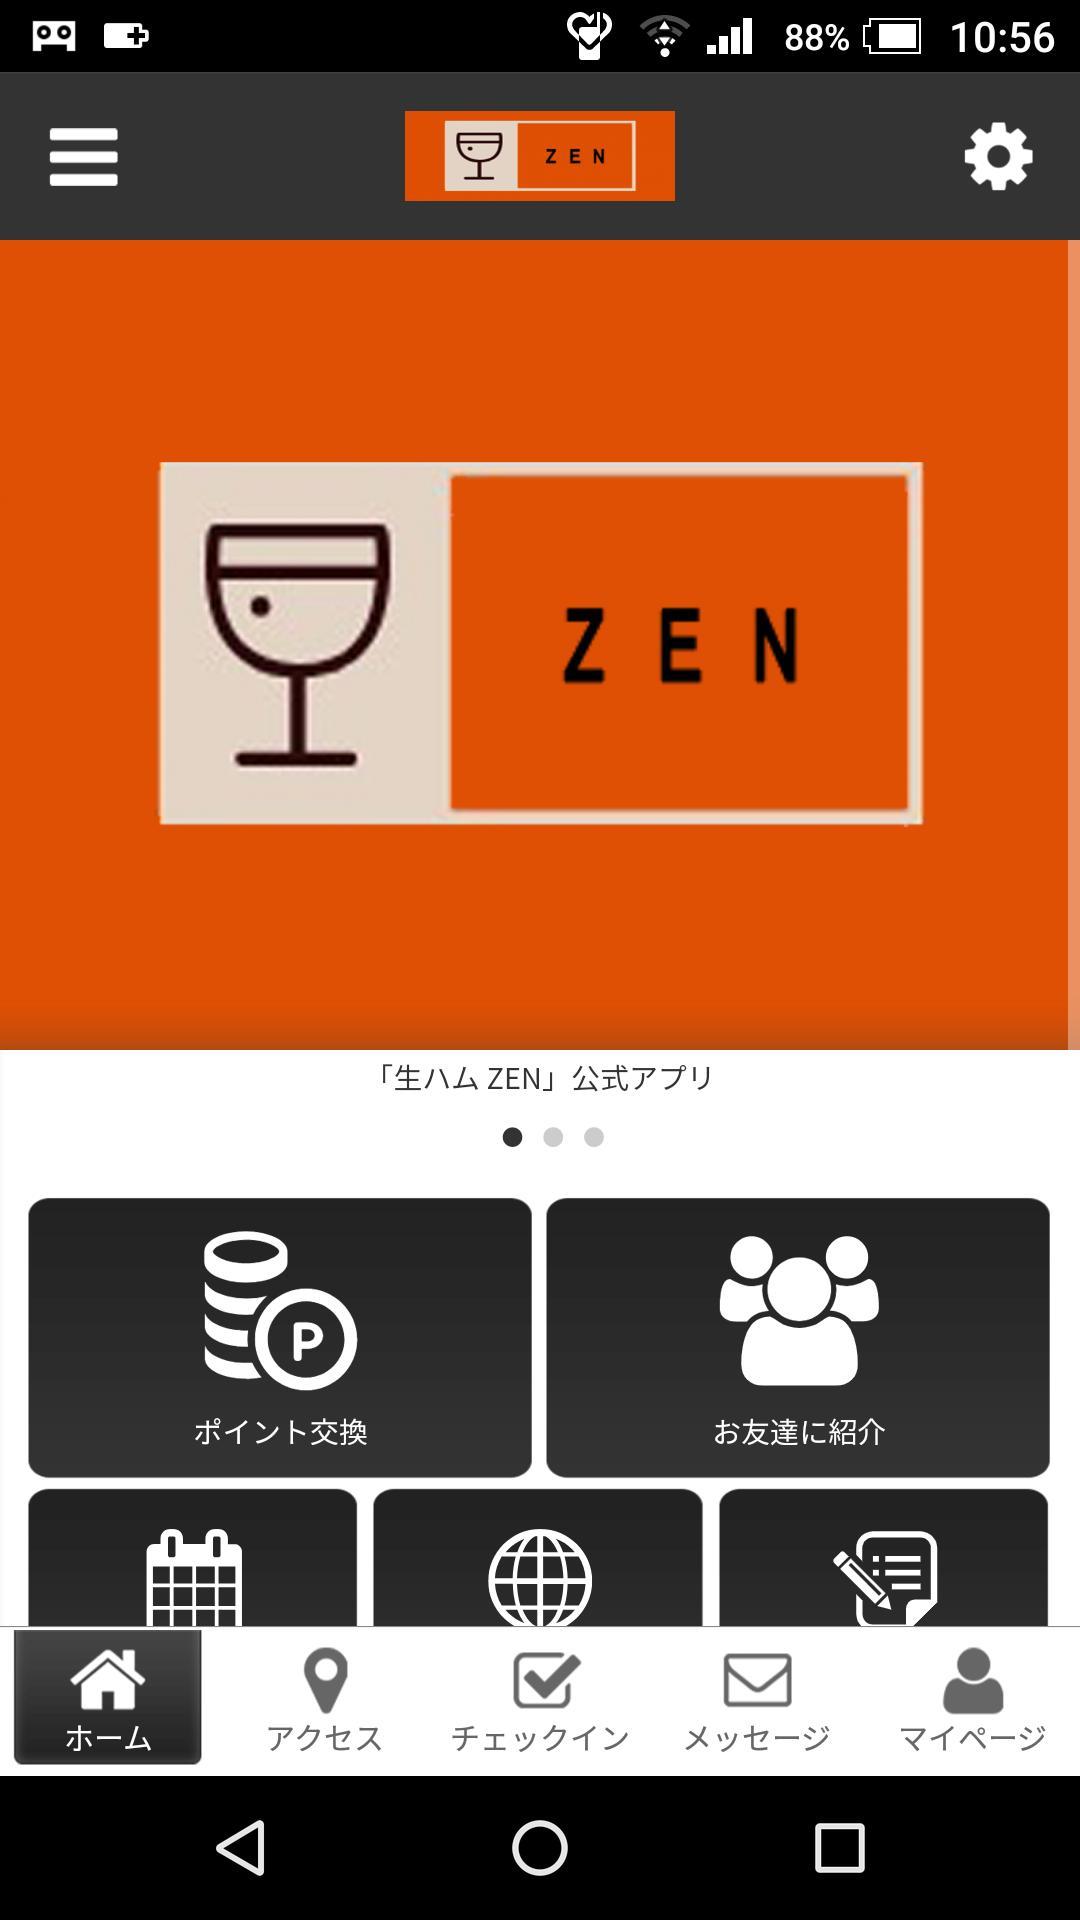 生 ハム zen